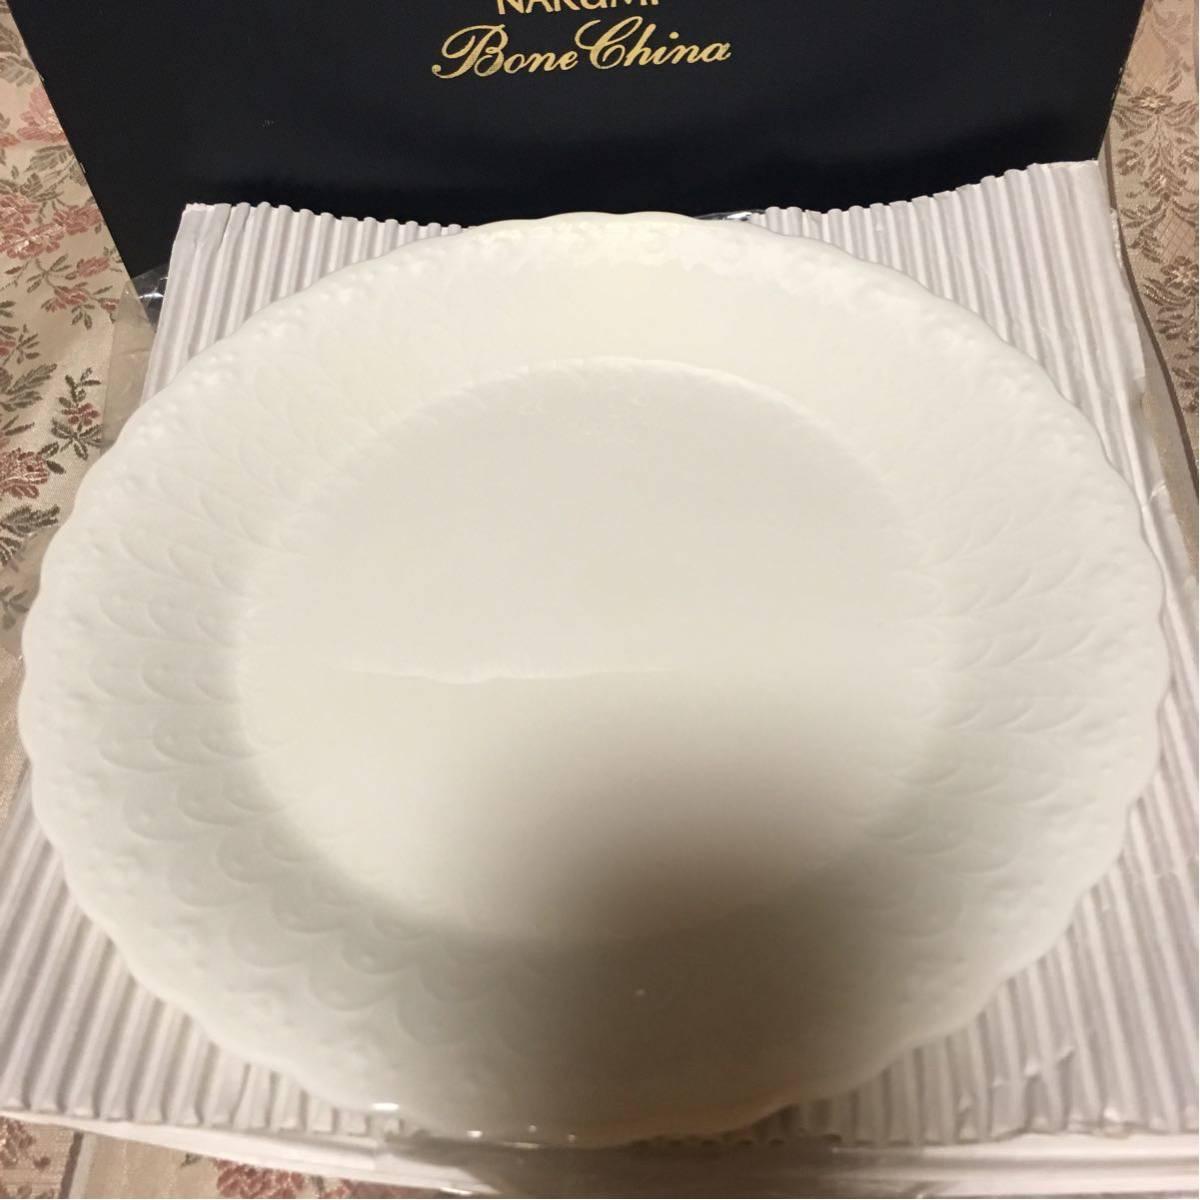 新品★ナルミ シルキーホワイト 19cm プレート ケーキ皿 6枚セット_画像2